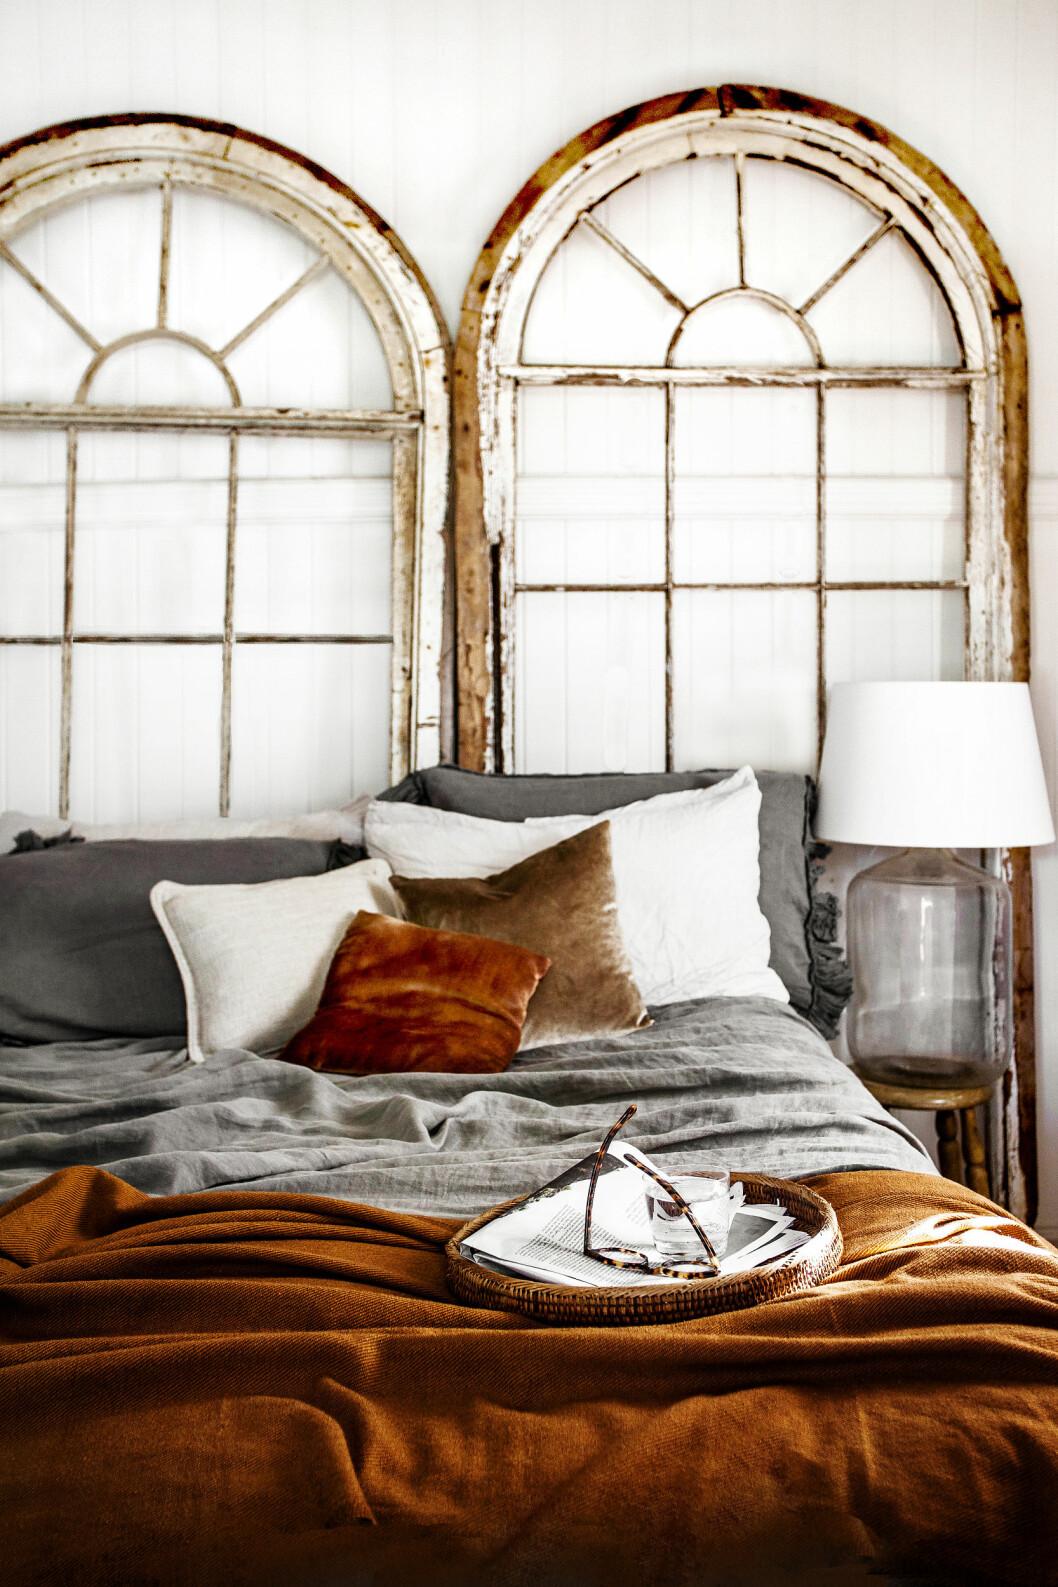 SOVEROMMET: De gamle, vakre buedørene flyttet Kara rundt hele huset, før de endelig fant sin plass som hodegjerde på sengen. Sengetøyet og sengeteppet er vintage. Foto: Kara Rosenlund